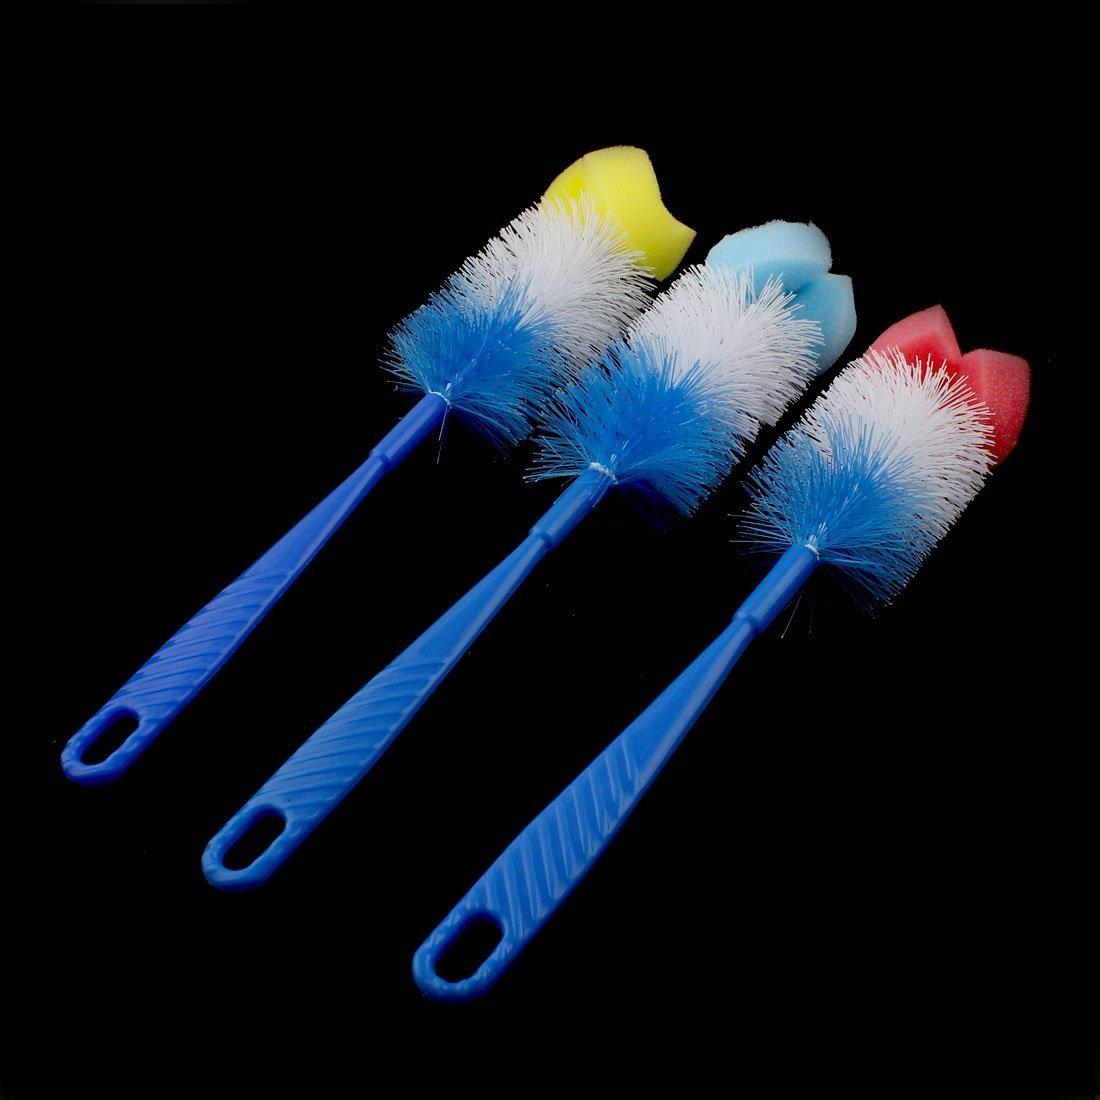 Amazon.com: eDealMax mango de plástico Esponja Top limpieza para la casa taza de la botella de cepillo de lavado 3 en 1: Kitchen & Dining